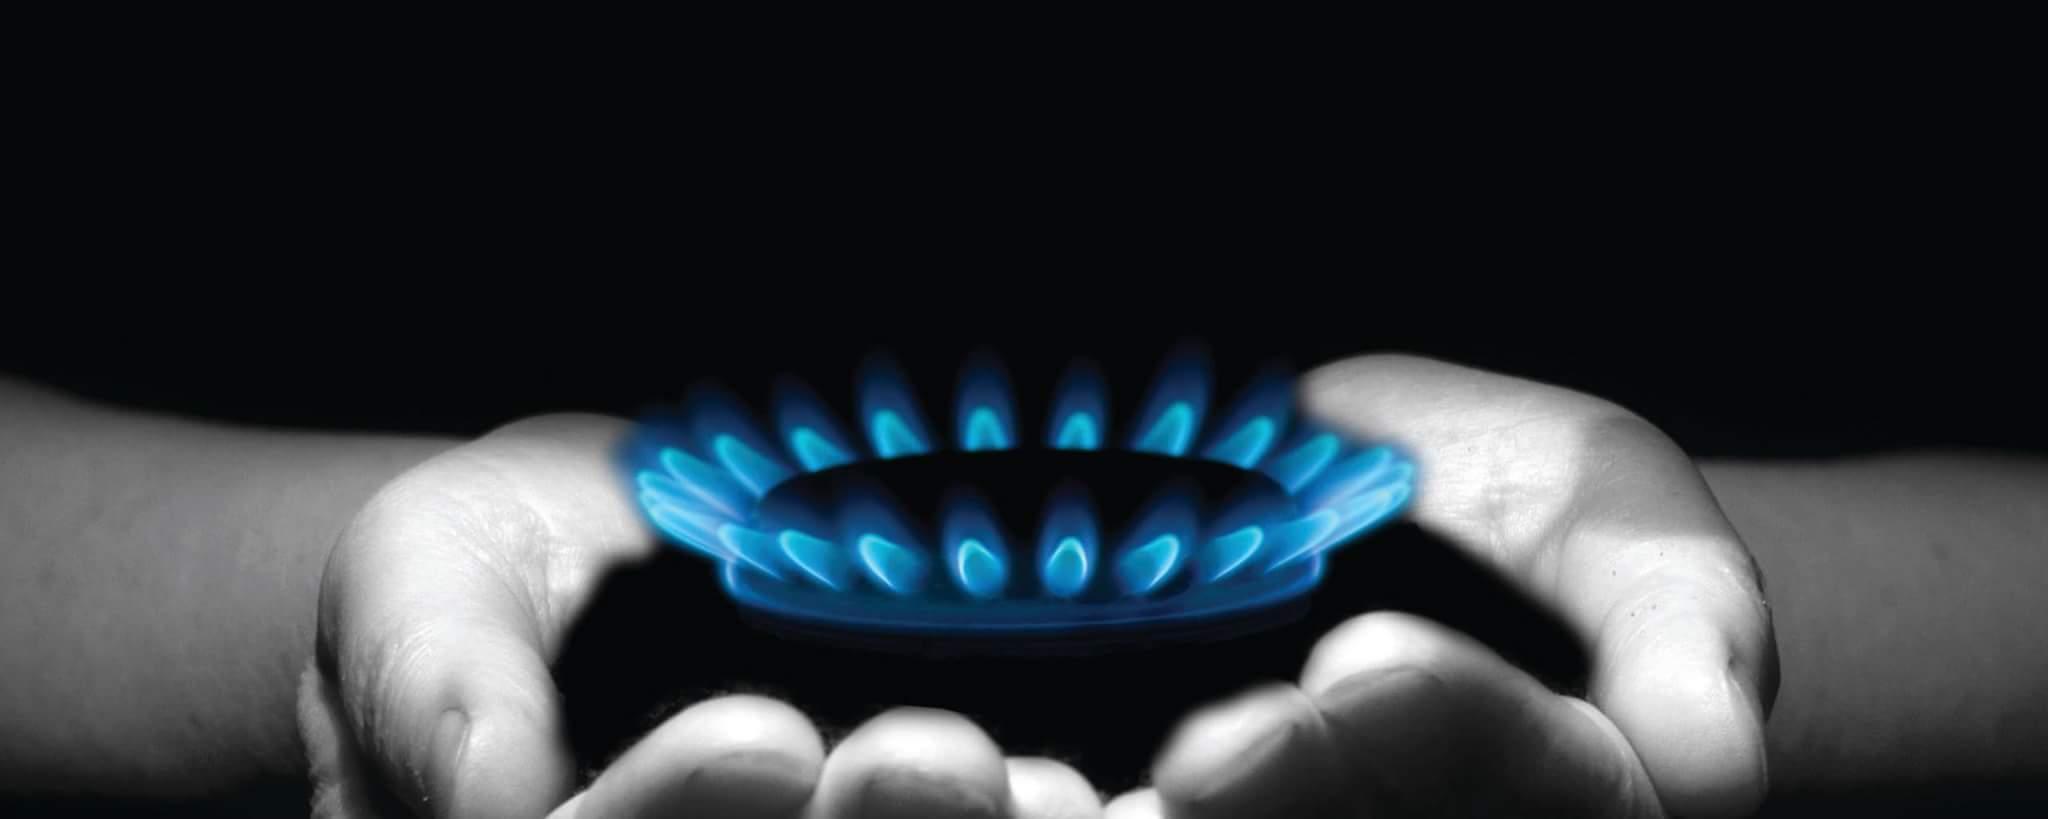 Portadown Boiler services